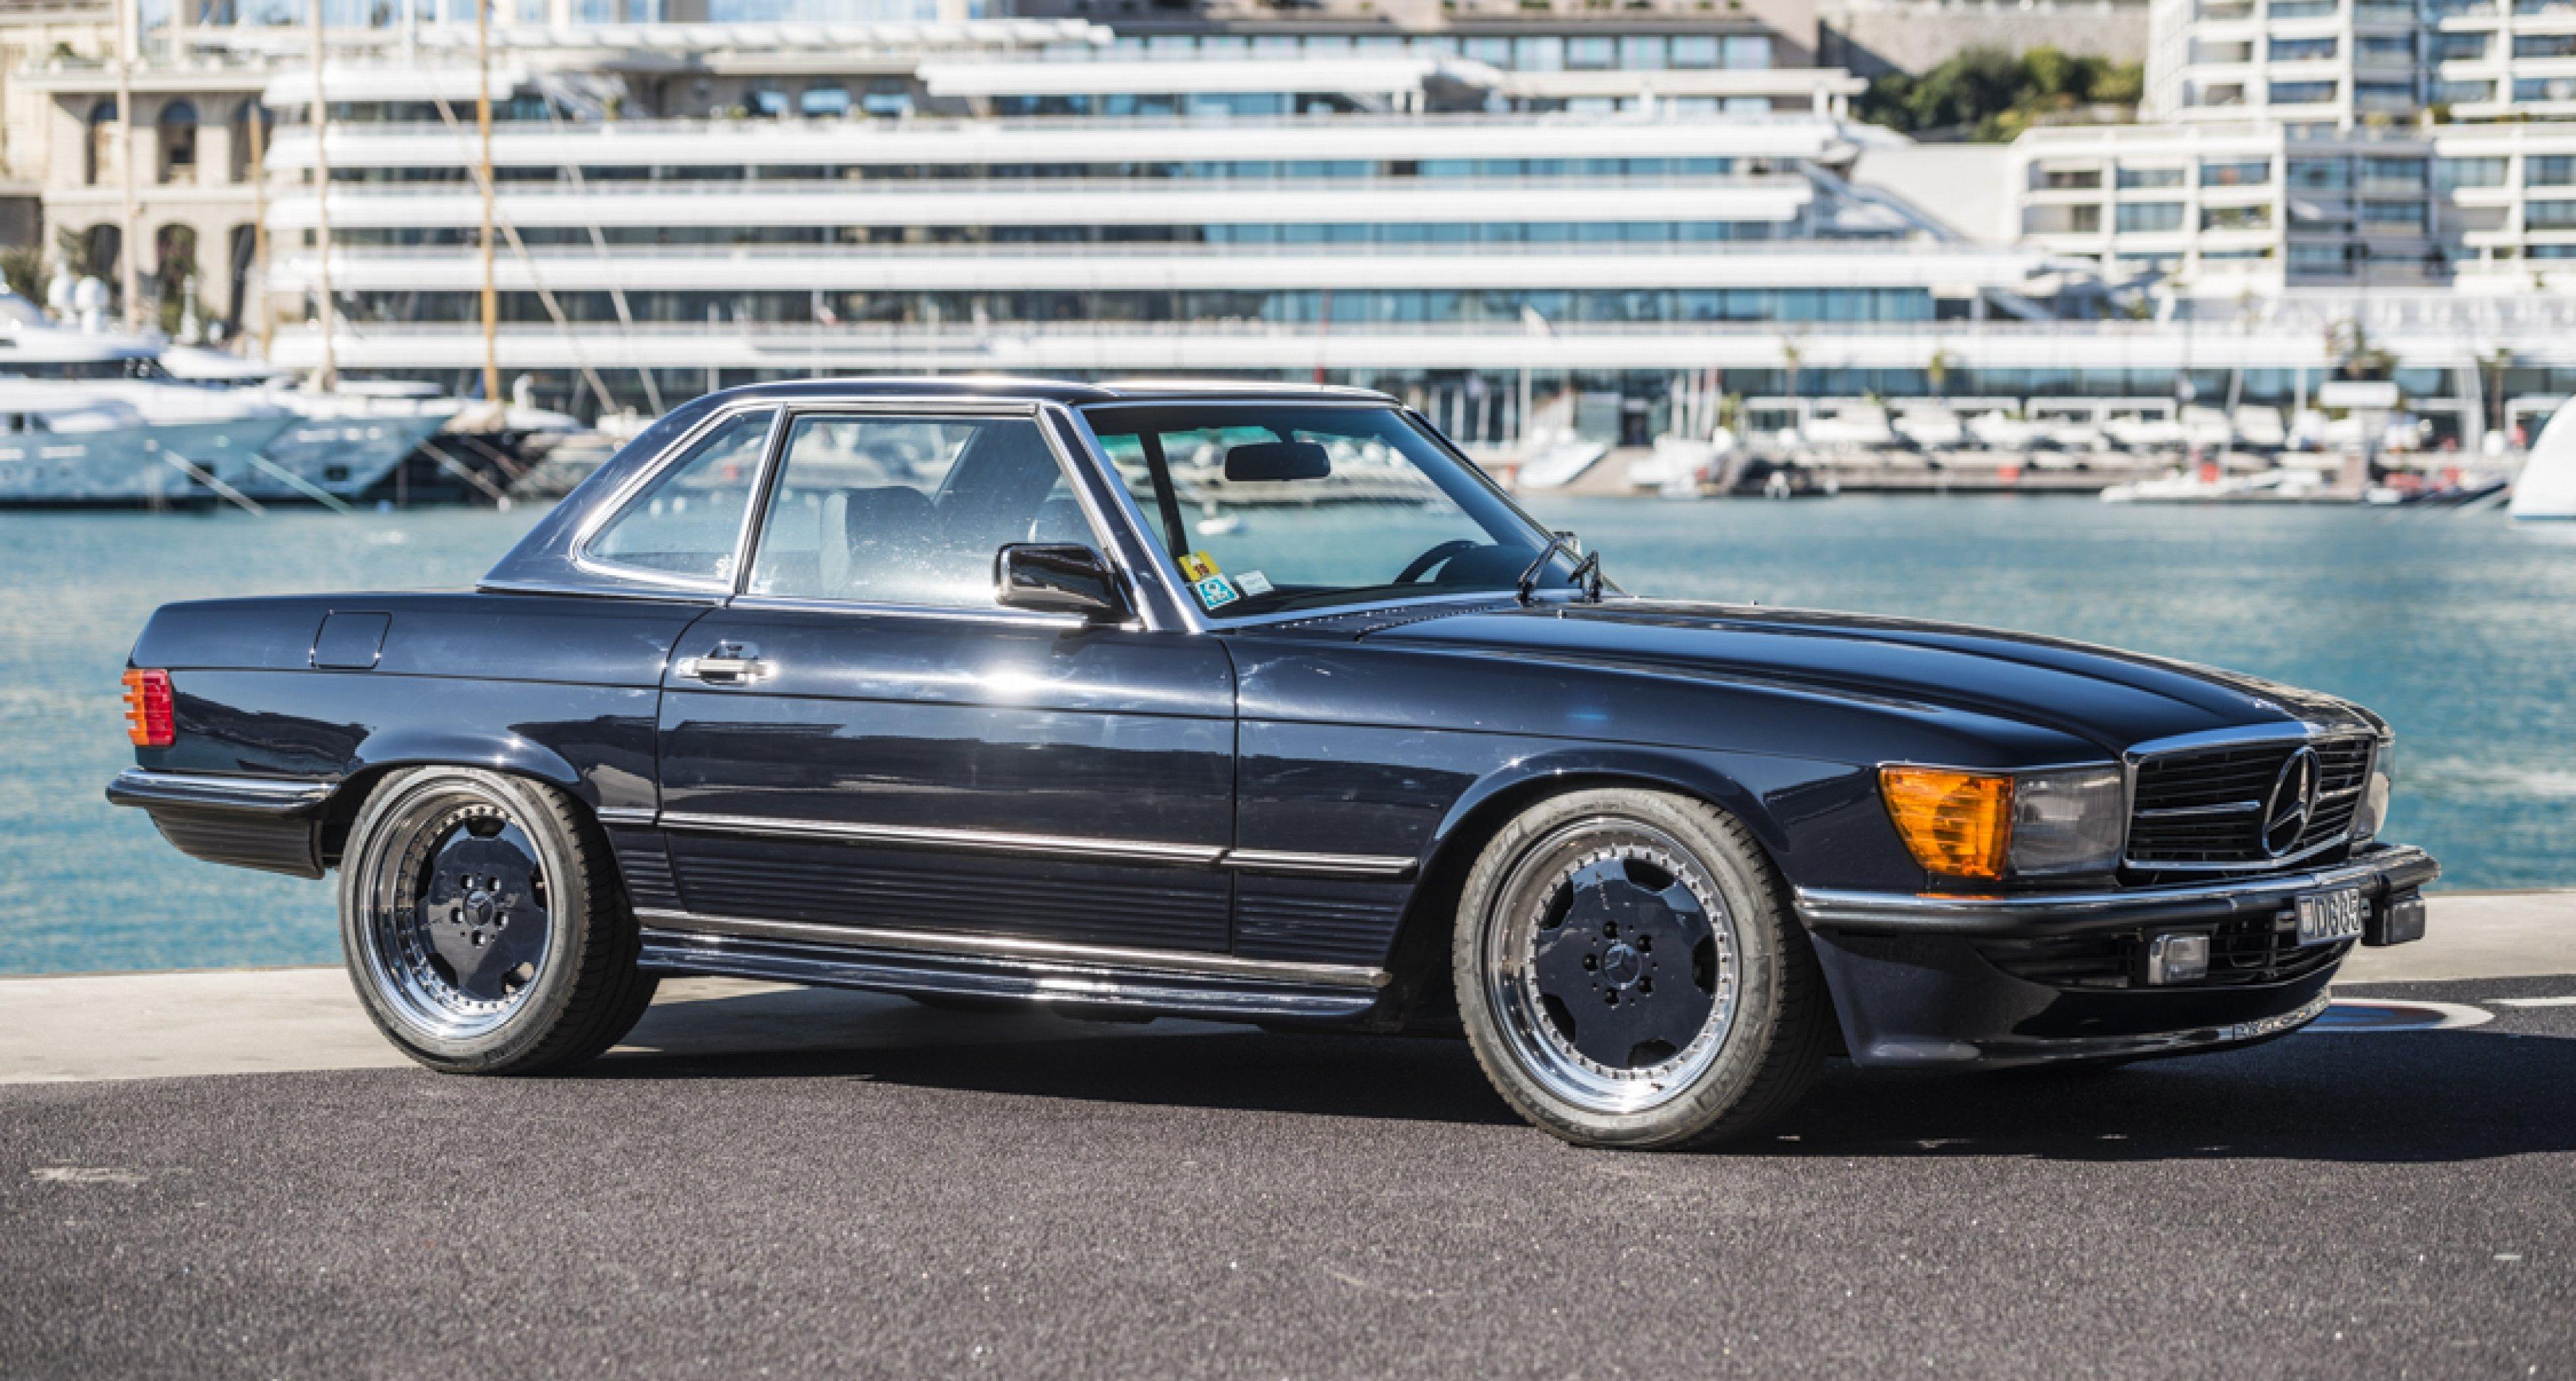 Dieser Mercedes 560 Sl 6 0 Amg Vertreibt Den Businessman S Blues